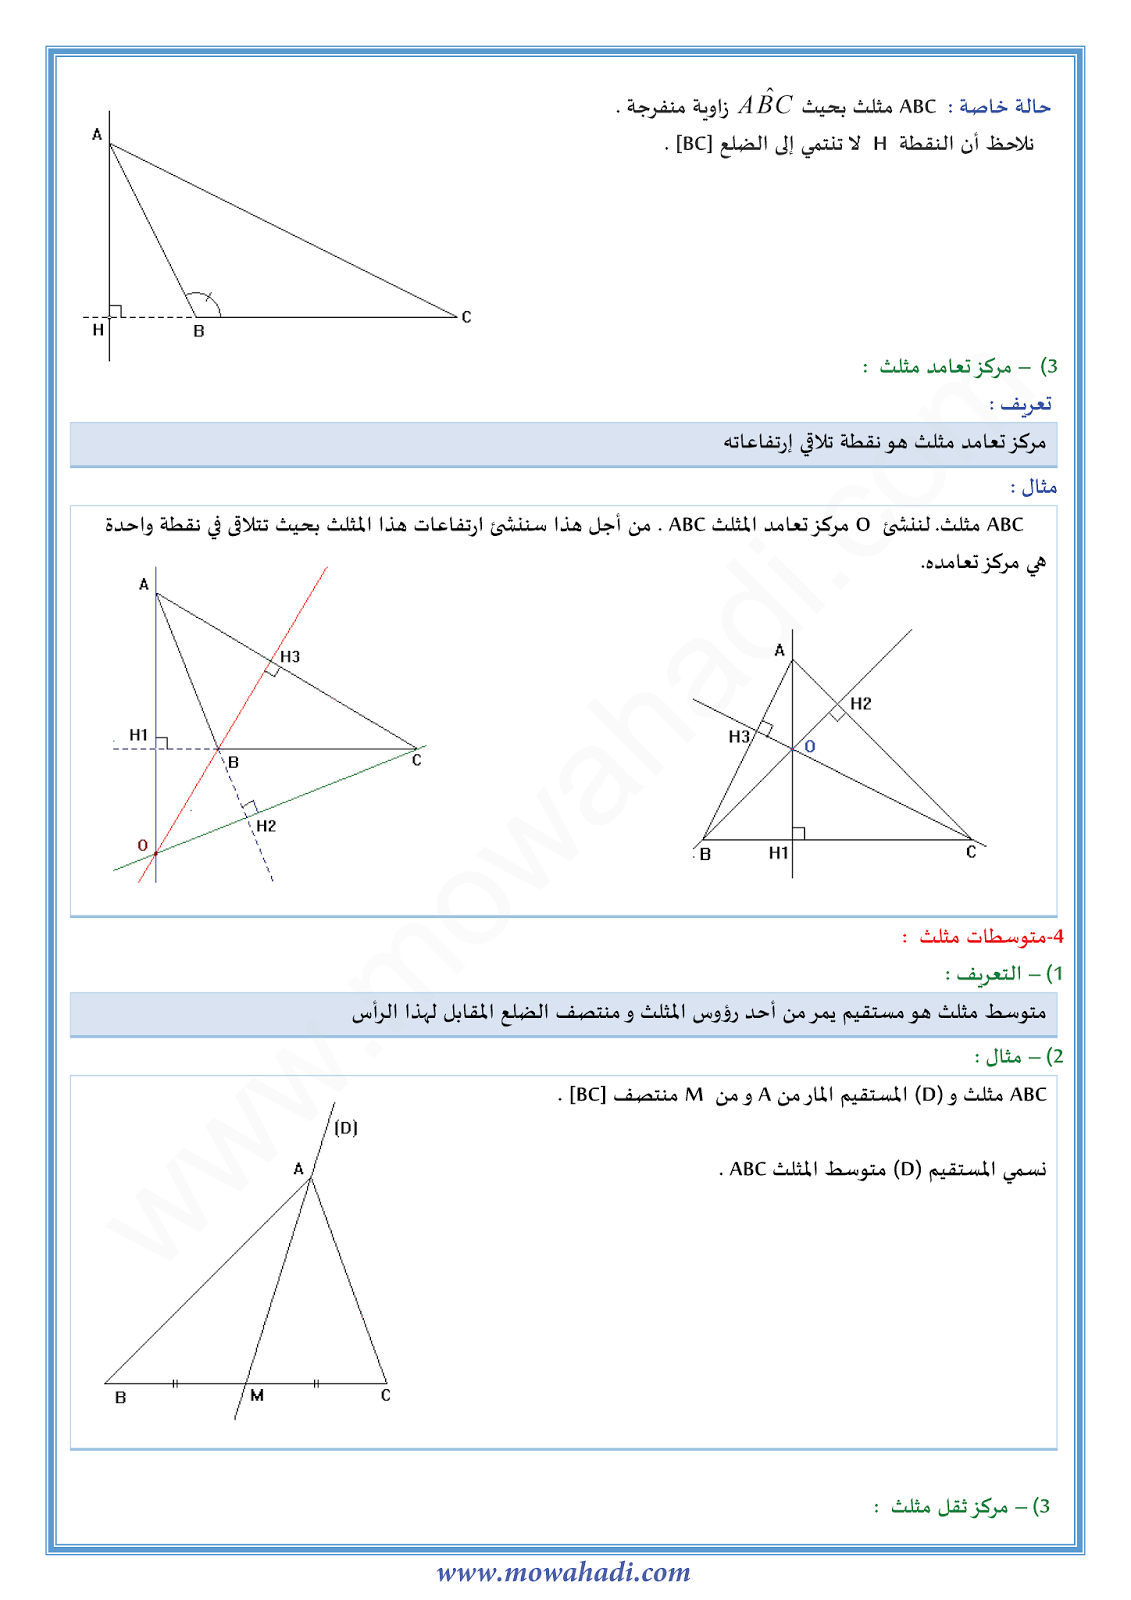 المستقيمات الهامة في مثلث للسنة الثانية اعدادي